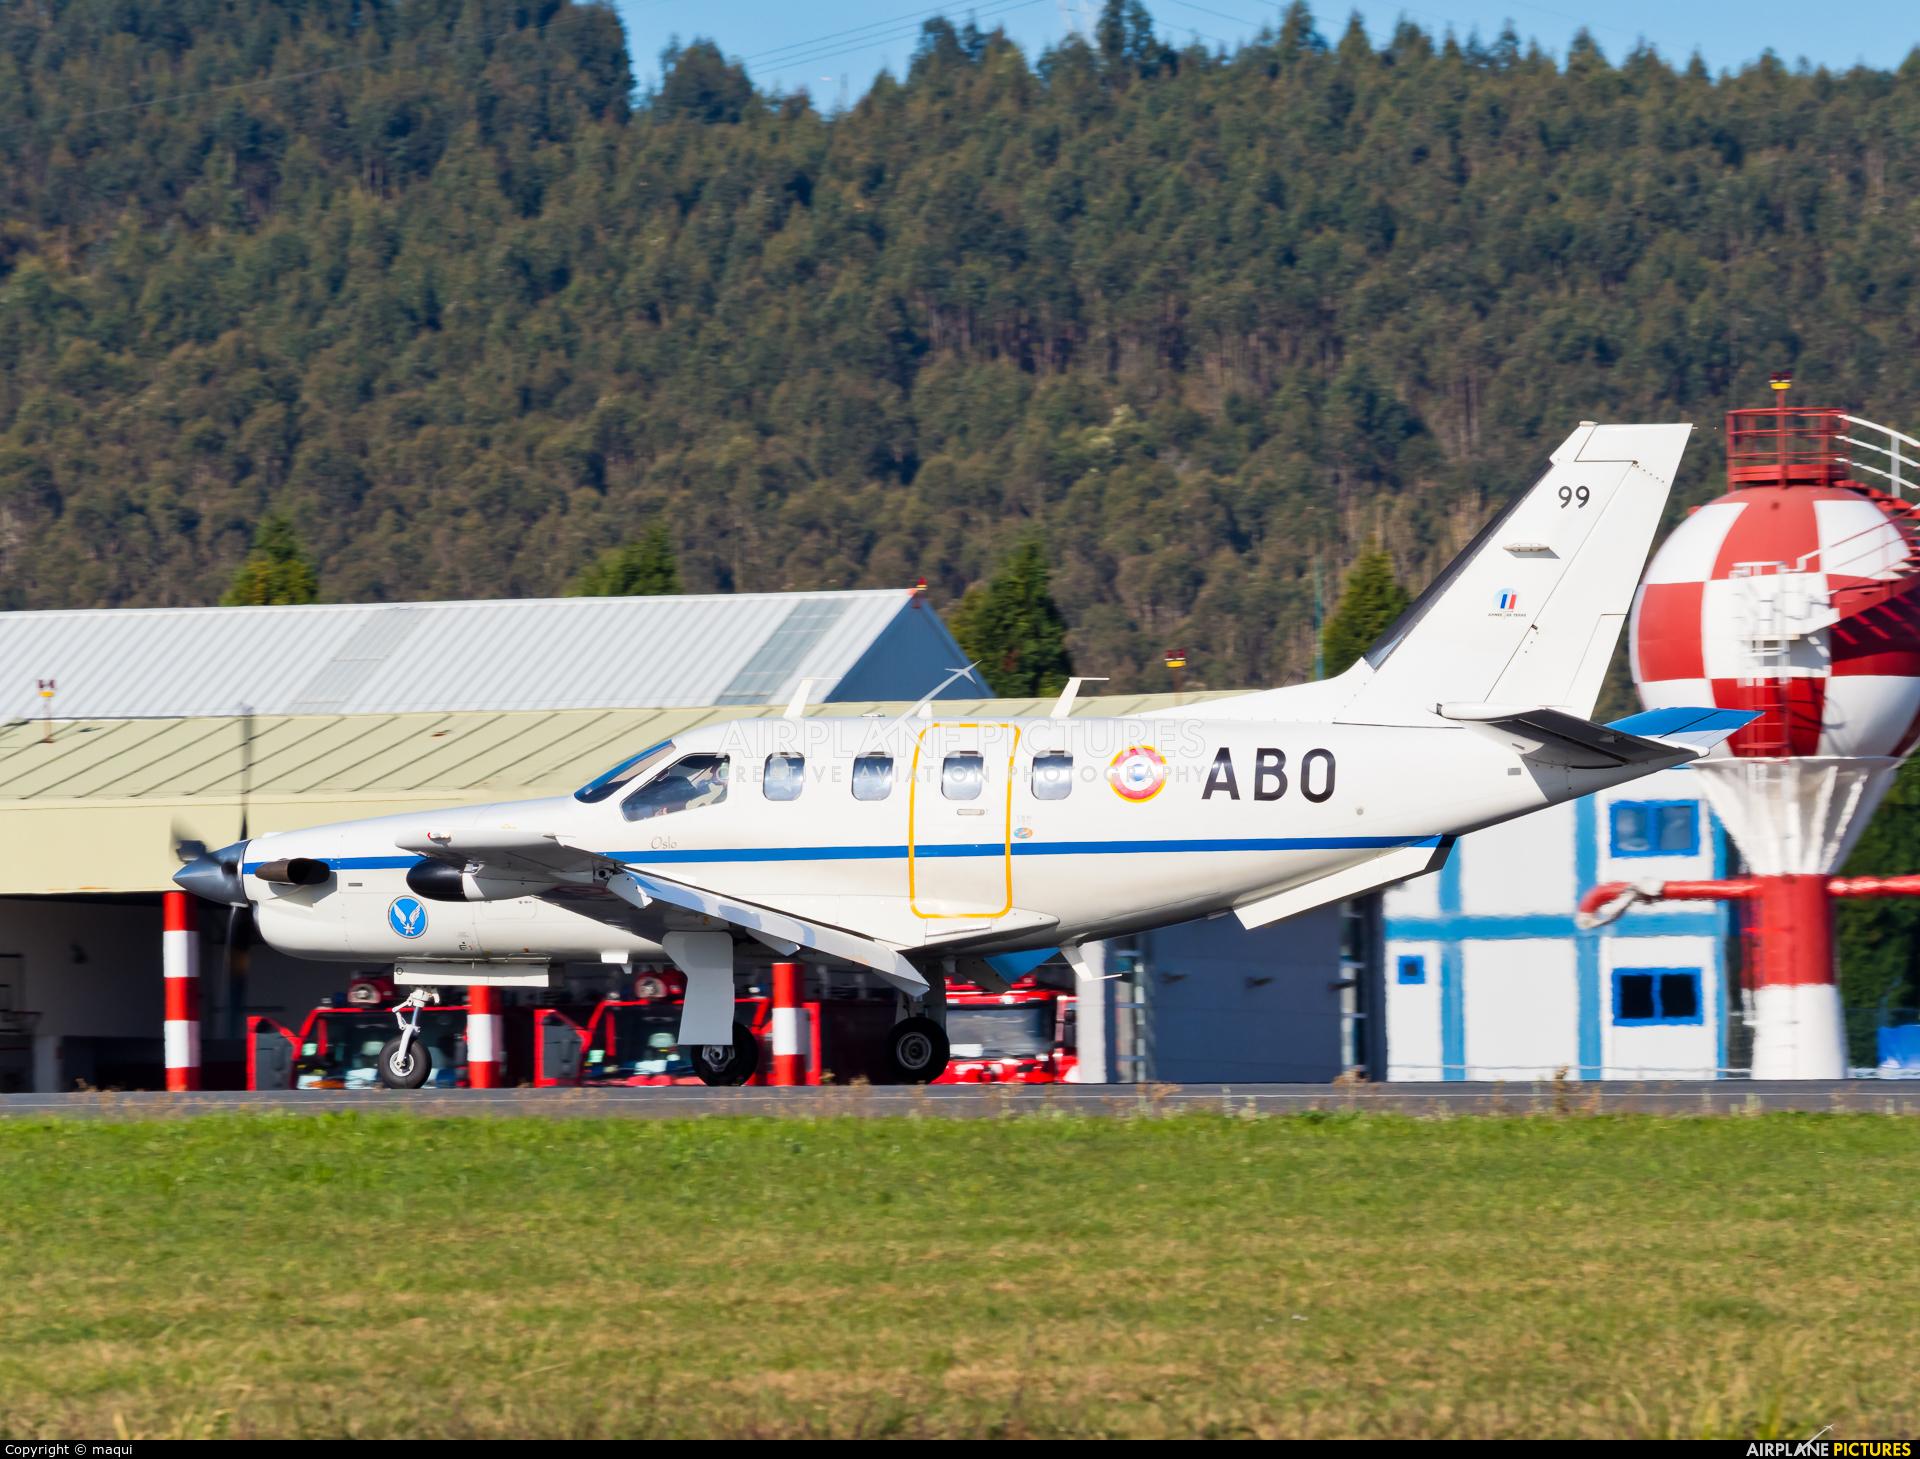 France - Army 99 aircraft at La Coruña